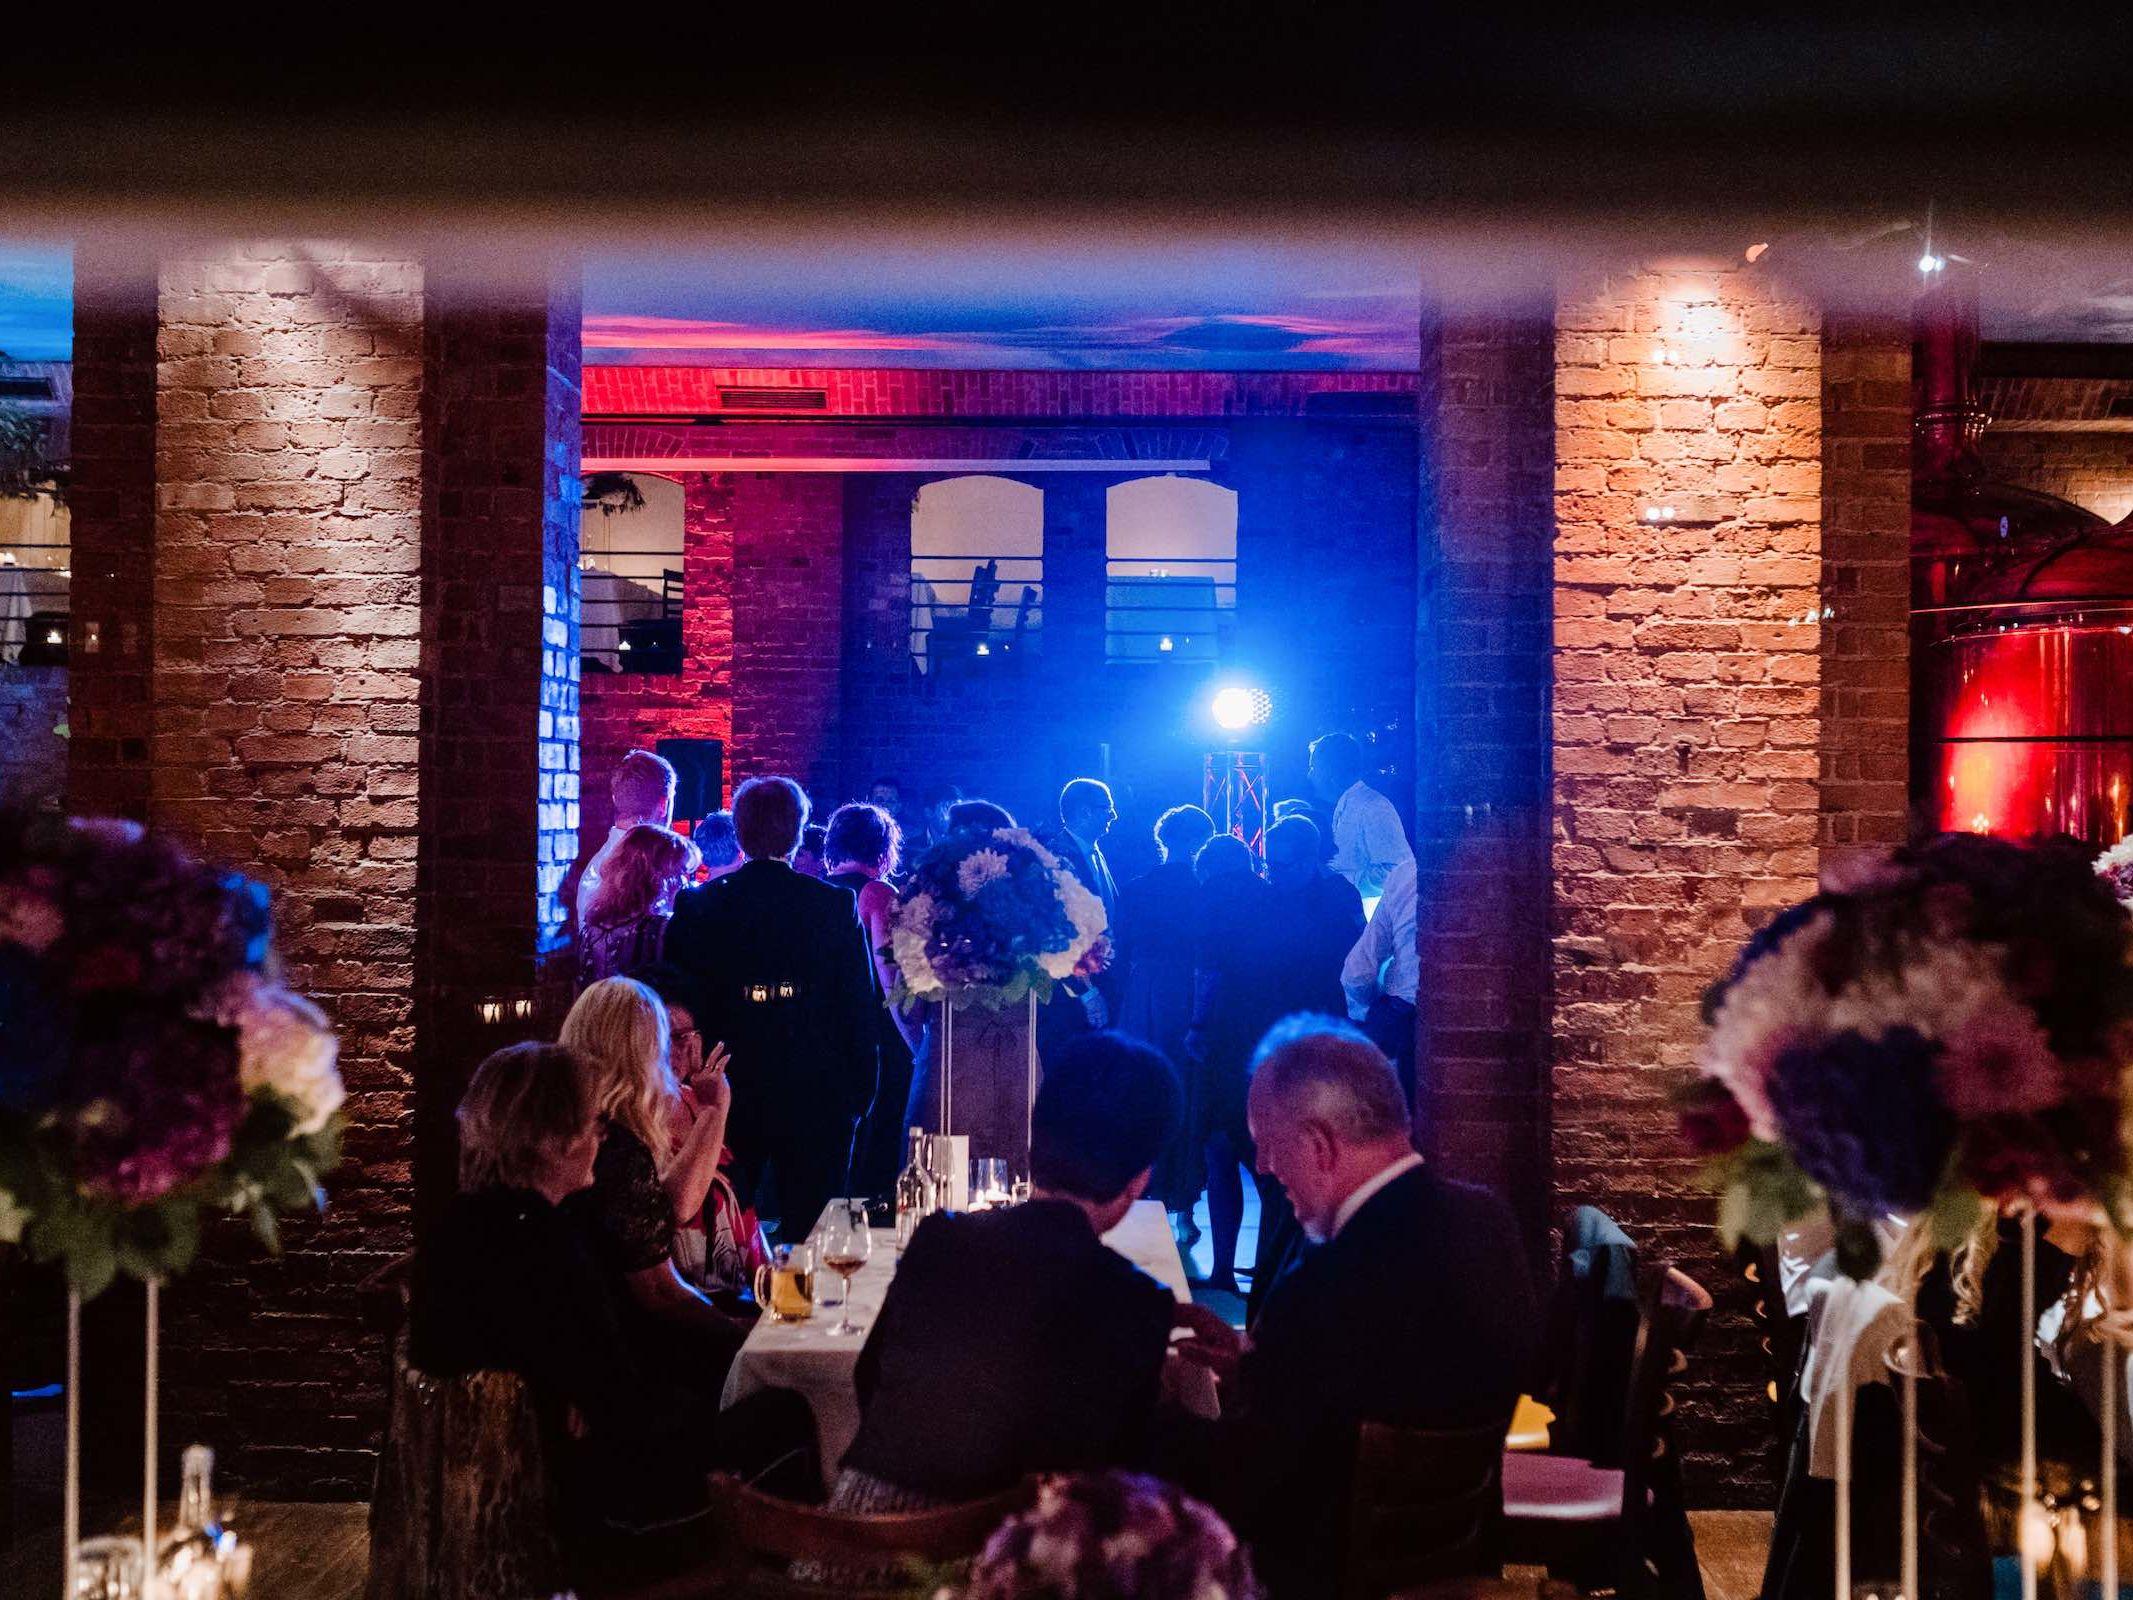 Burg | Königsworth | Roneburg | Hannover | Hochzeit | Geburtstag | Firmenfeier | Feiern | Locations | DJ | Eventaustattung | Hochzeitsplanung | Referenz | Lehmann | Eventservice